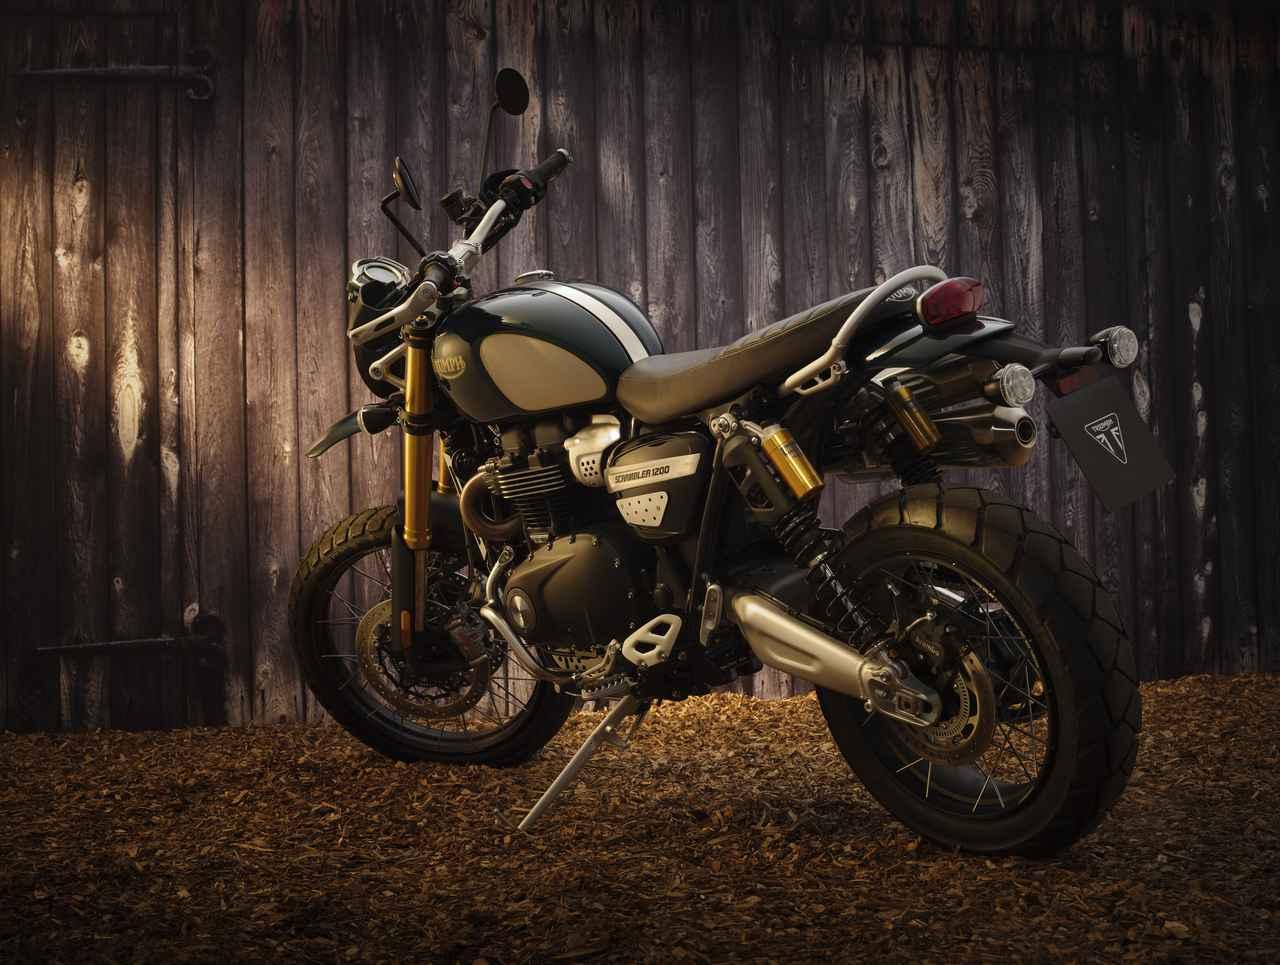 画像1: トライアンフ「スクランブラー1200 スティーブ・マックイーン エディション」の特徴